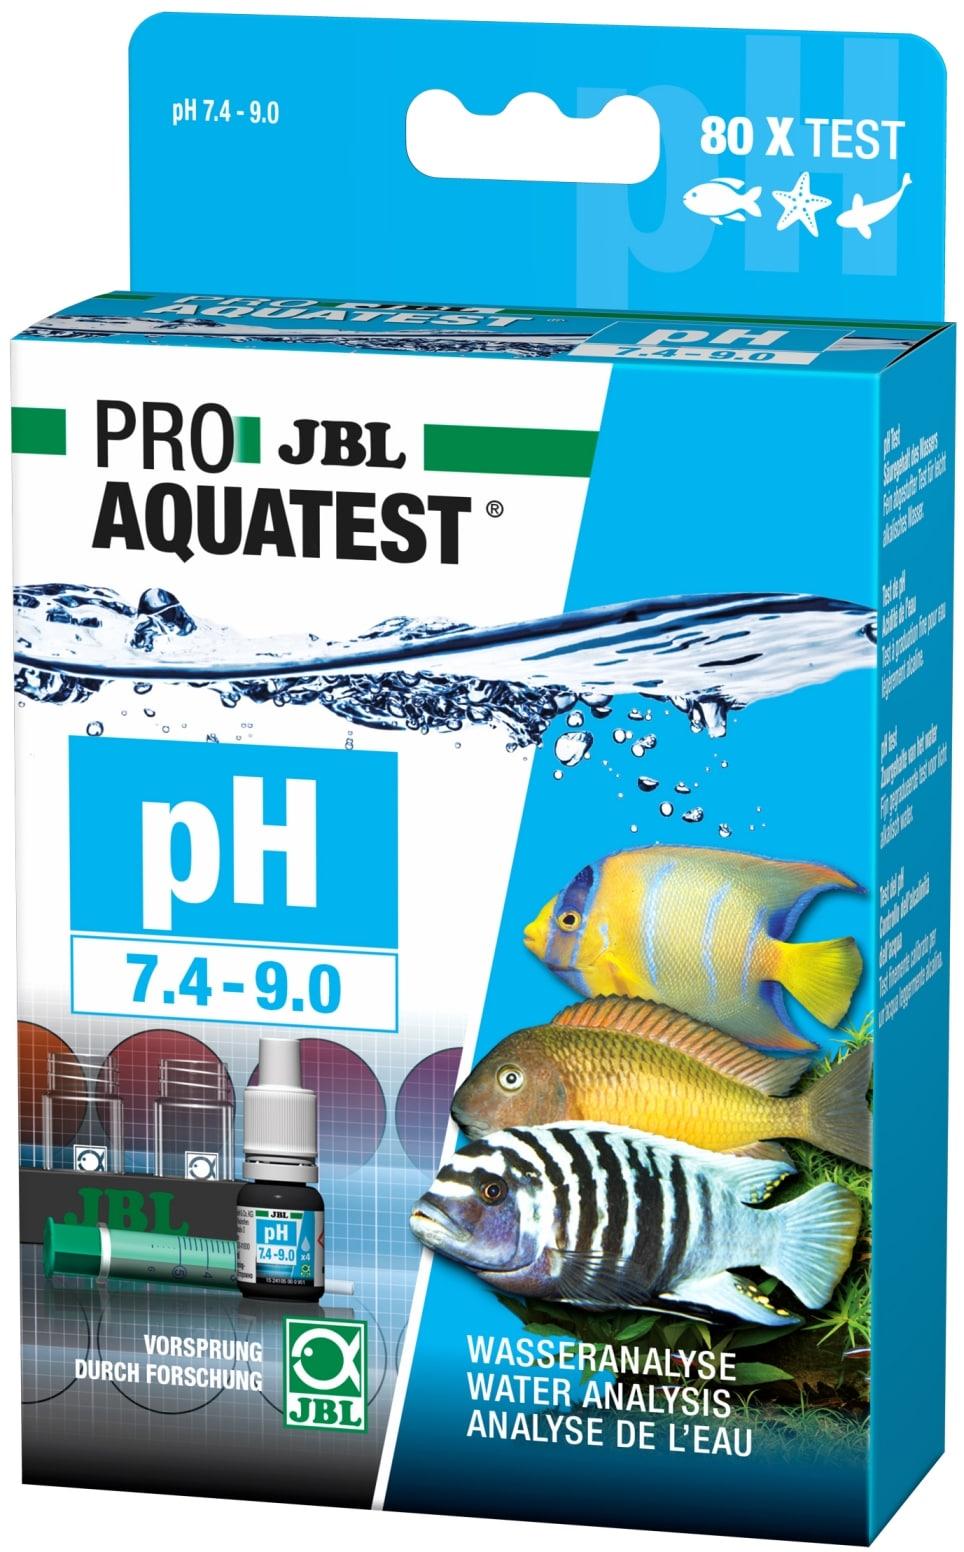 jbl-proaquatest-ph-7-4-9-0-test-pour-aquarium-d-eau-douce-et-eau-de-mer-min